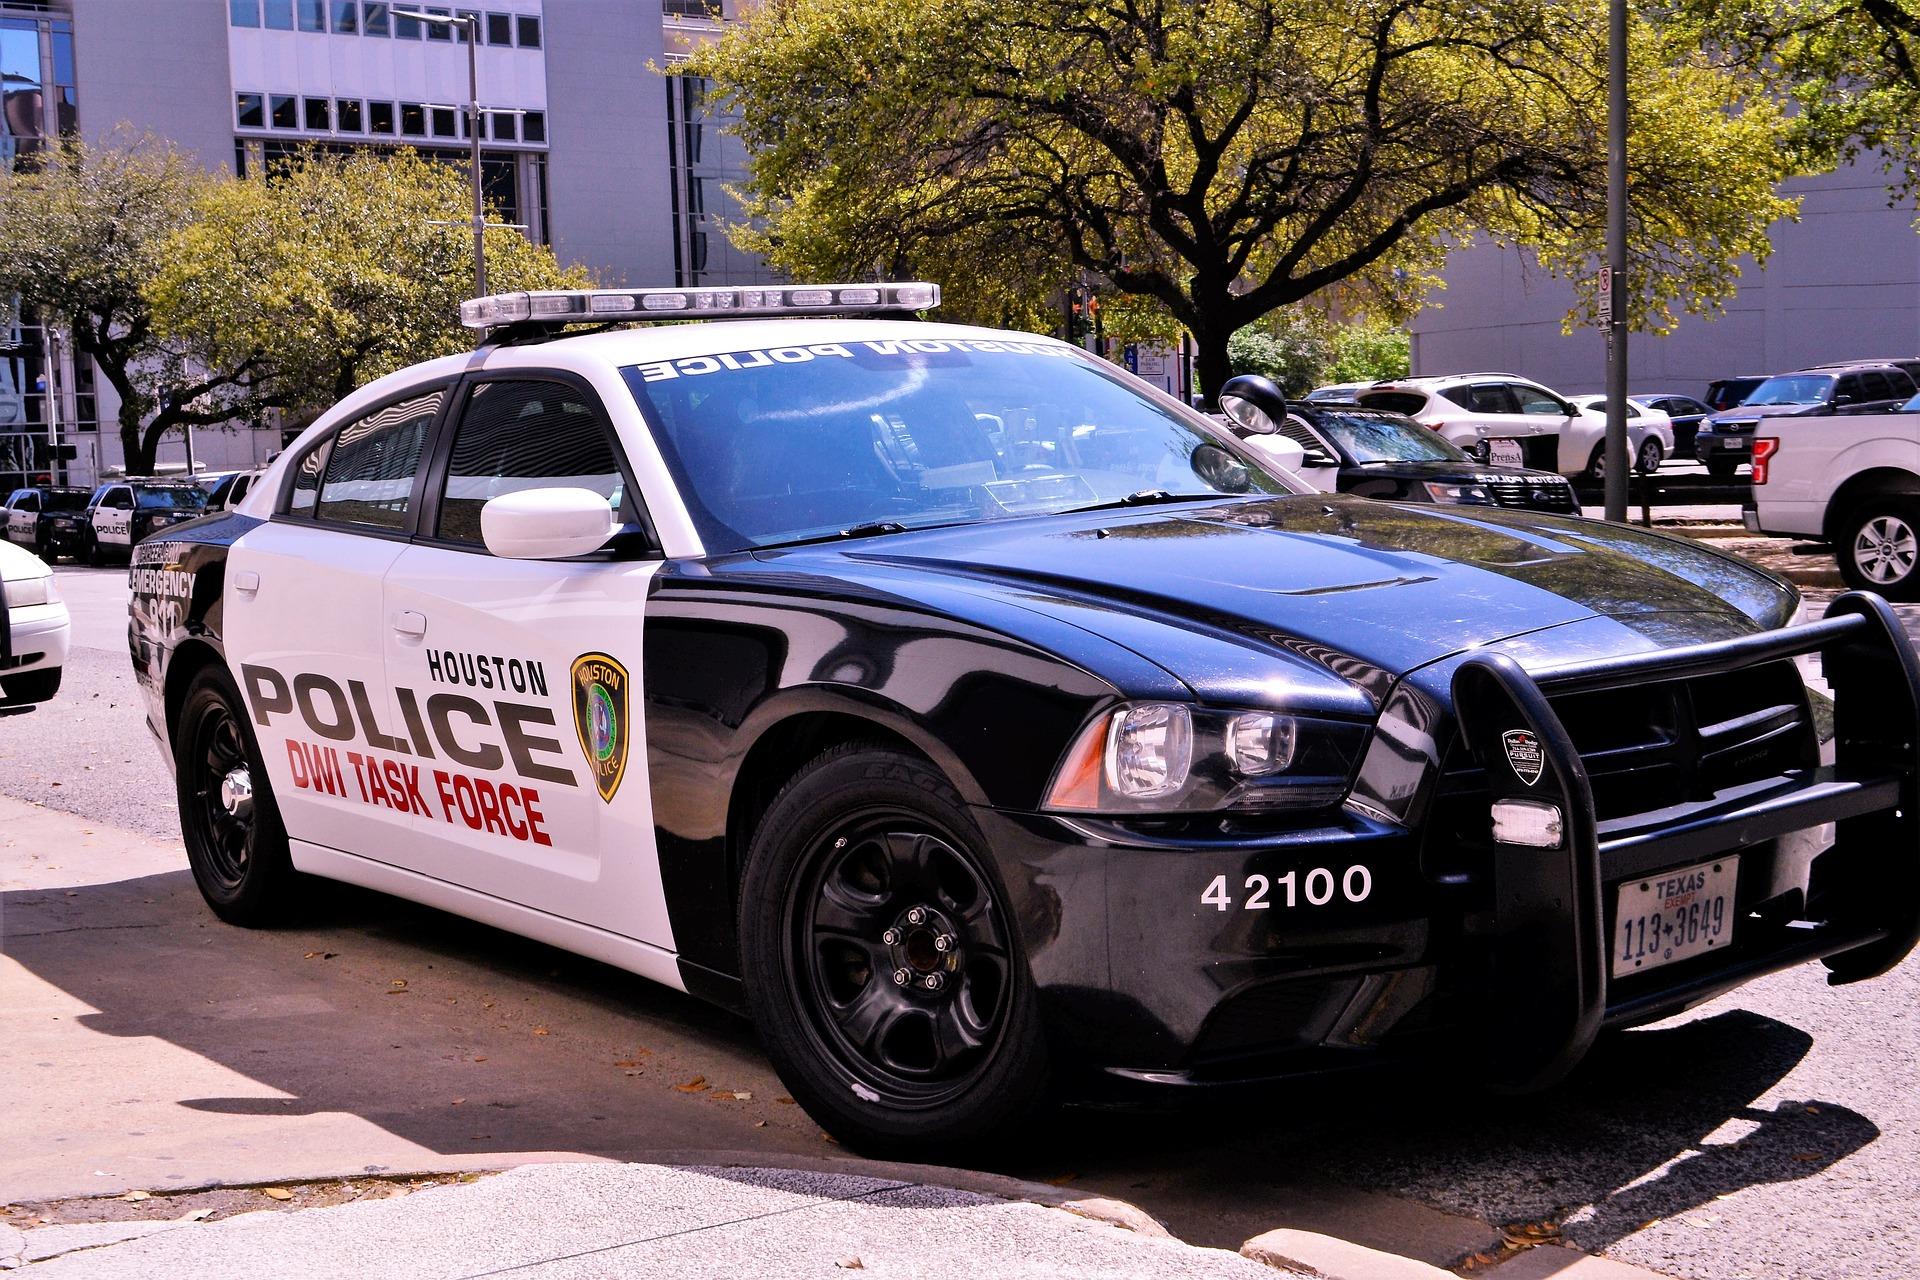 police-3274553_1920.jpg